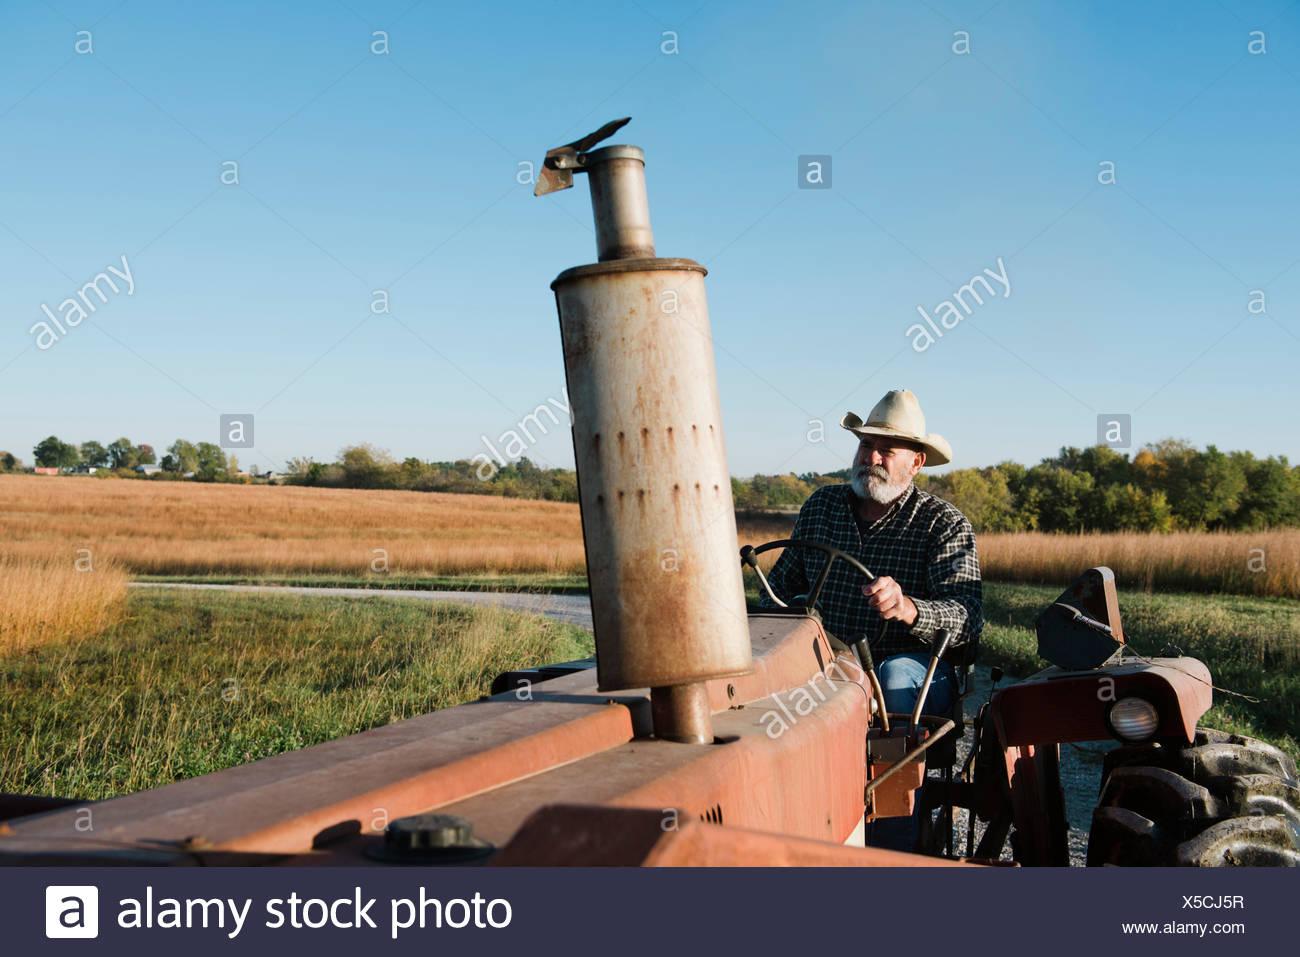 Altos agricultor conducción del tractor en carreteras rurales, Plattsburg, Missouri, EE.UU. Imagen De Stock